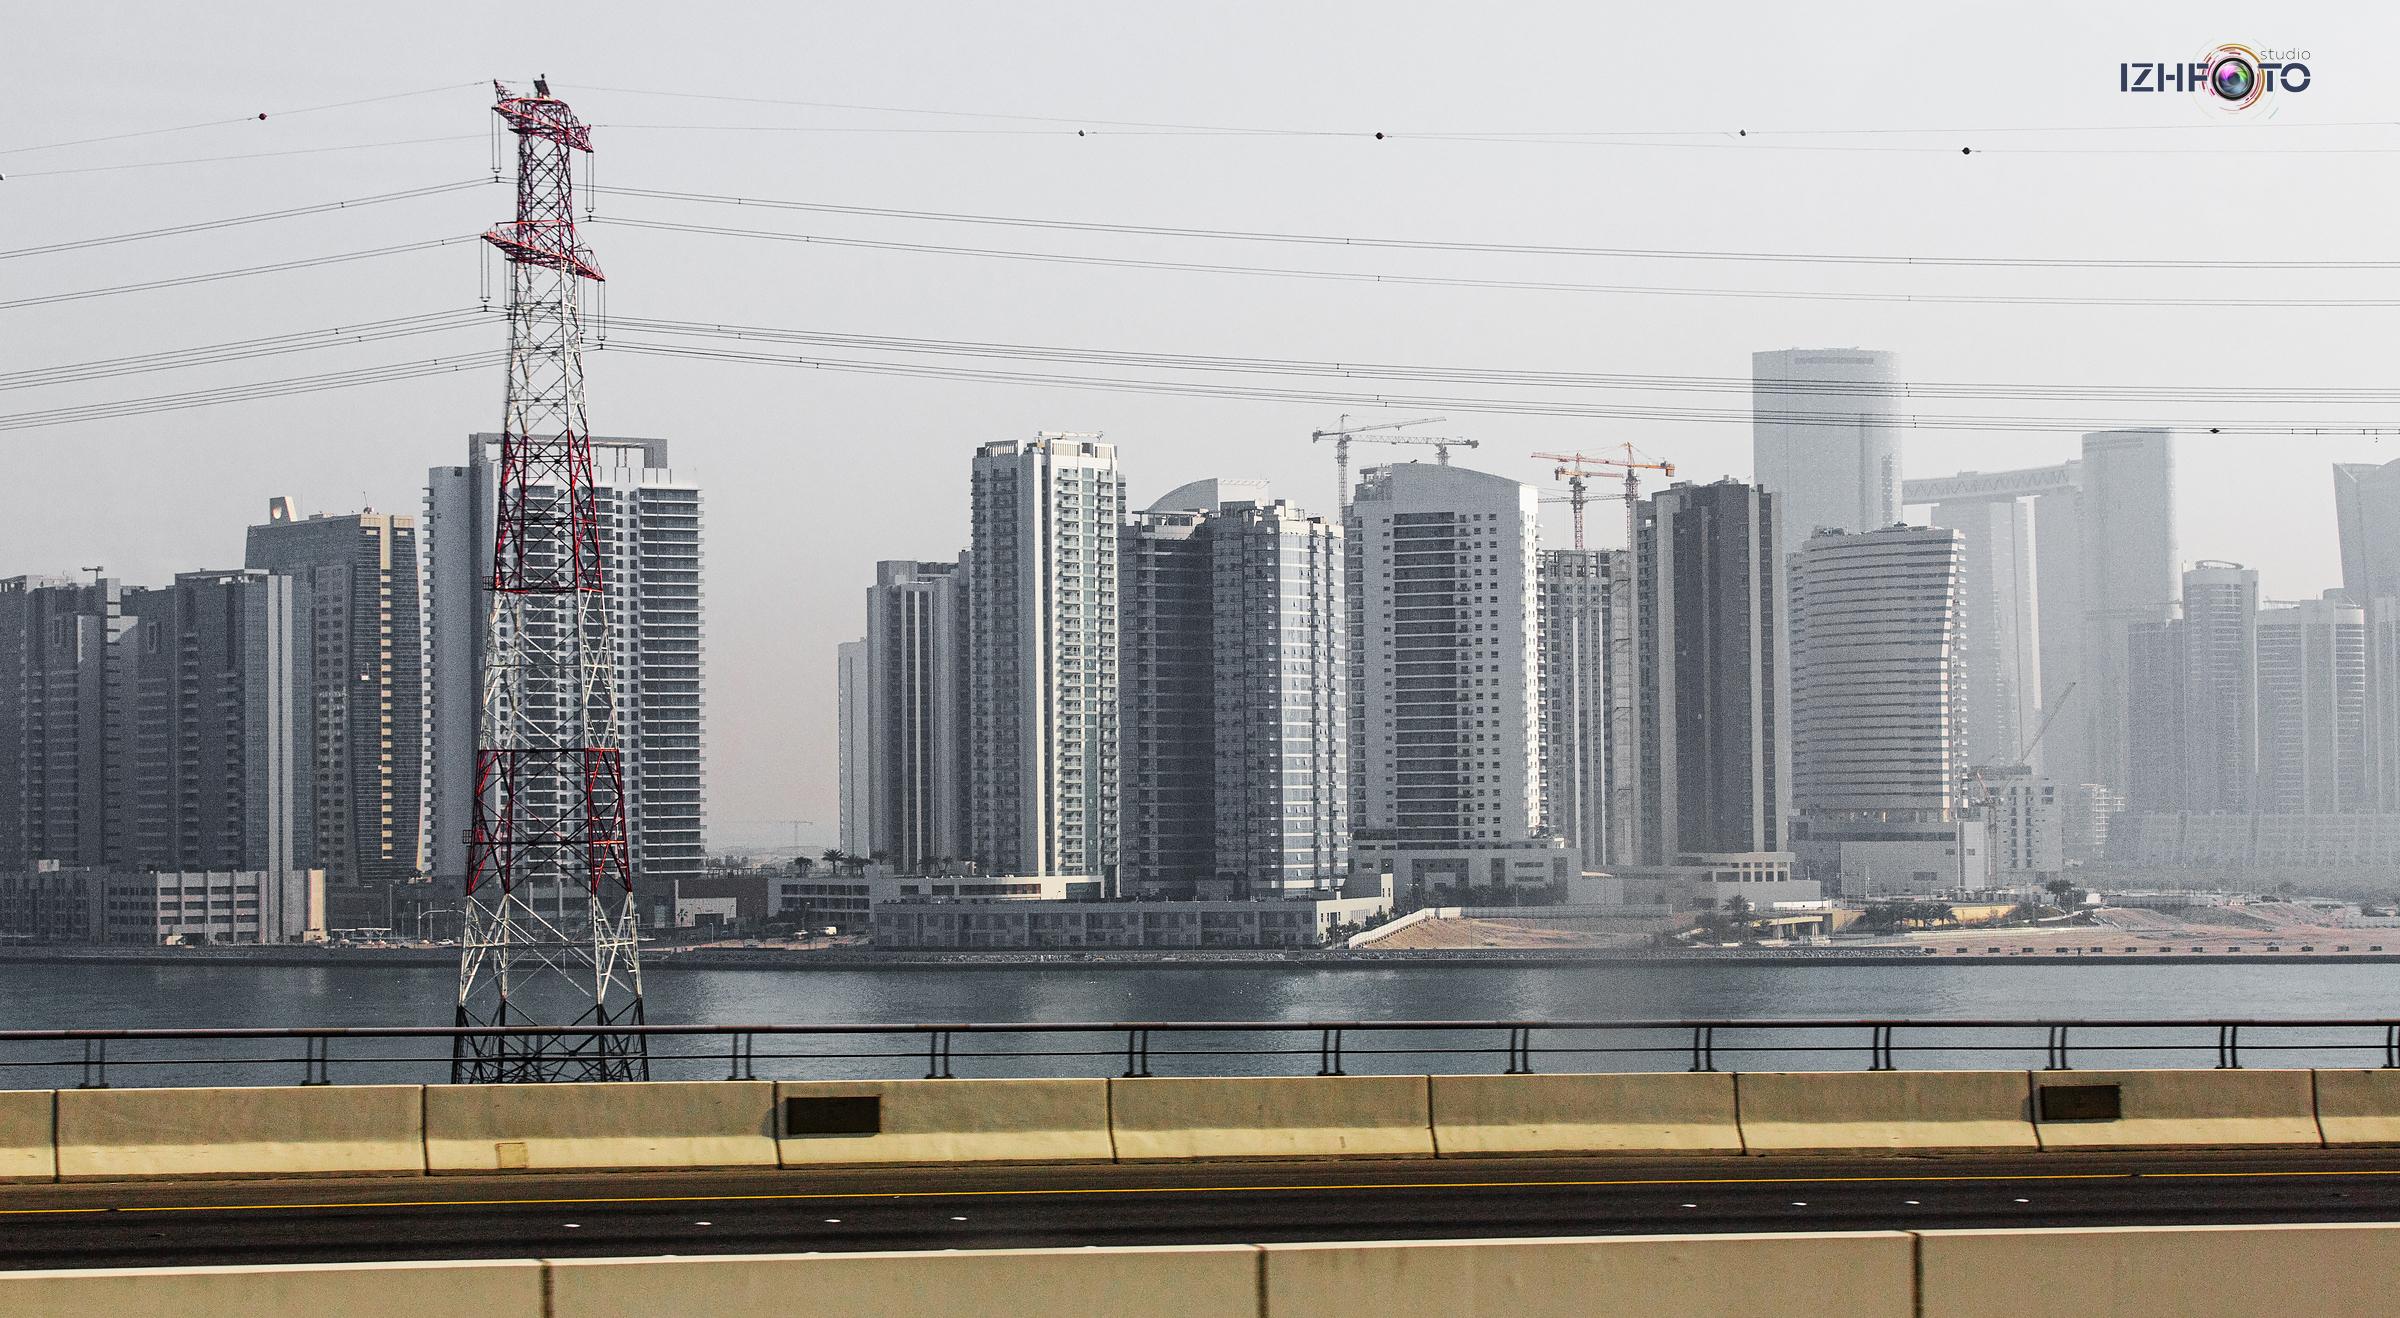 Shams Abu Dhabi Photo